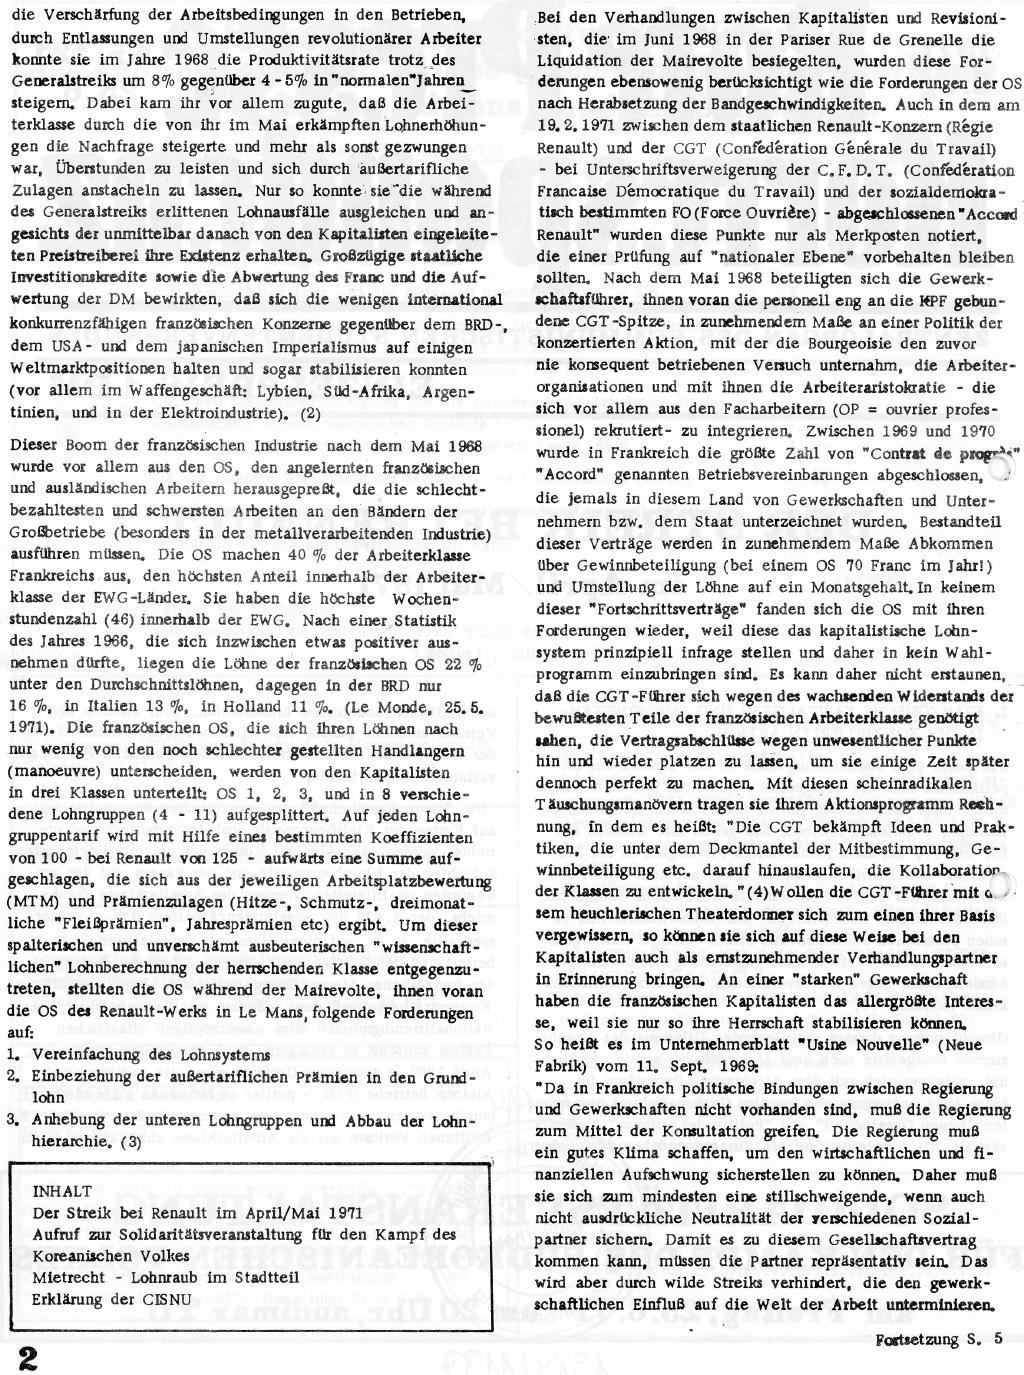 RPK_1971_121_02